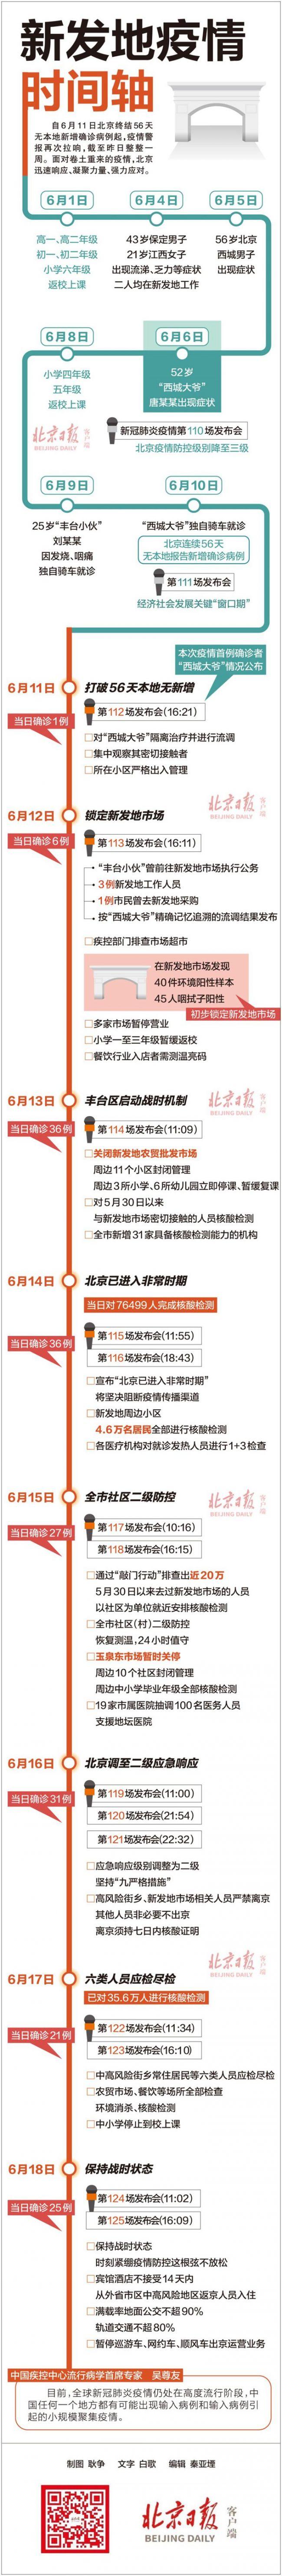 一图速懂丨北京新发地疫情时间轴